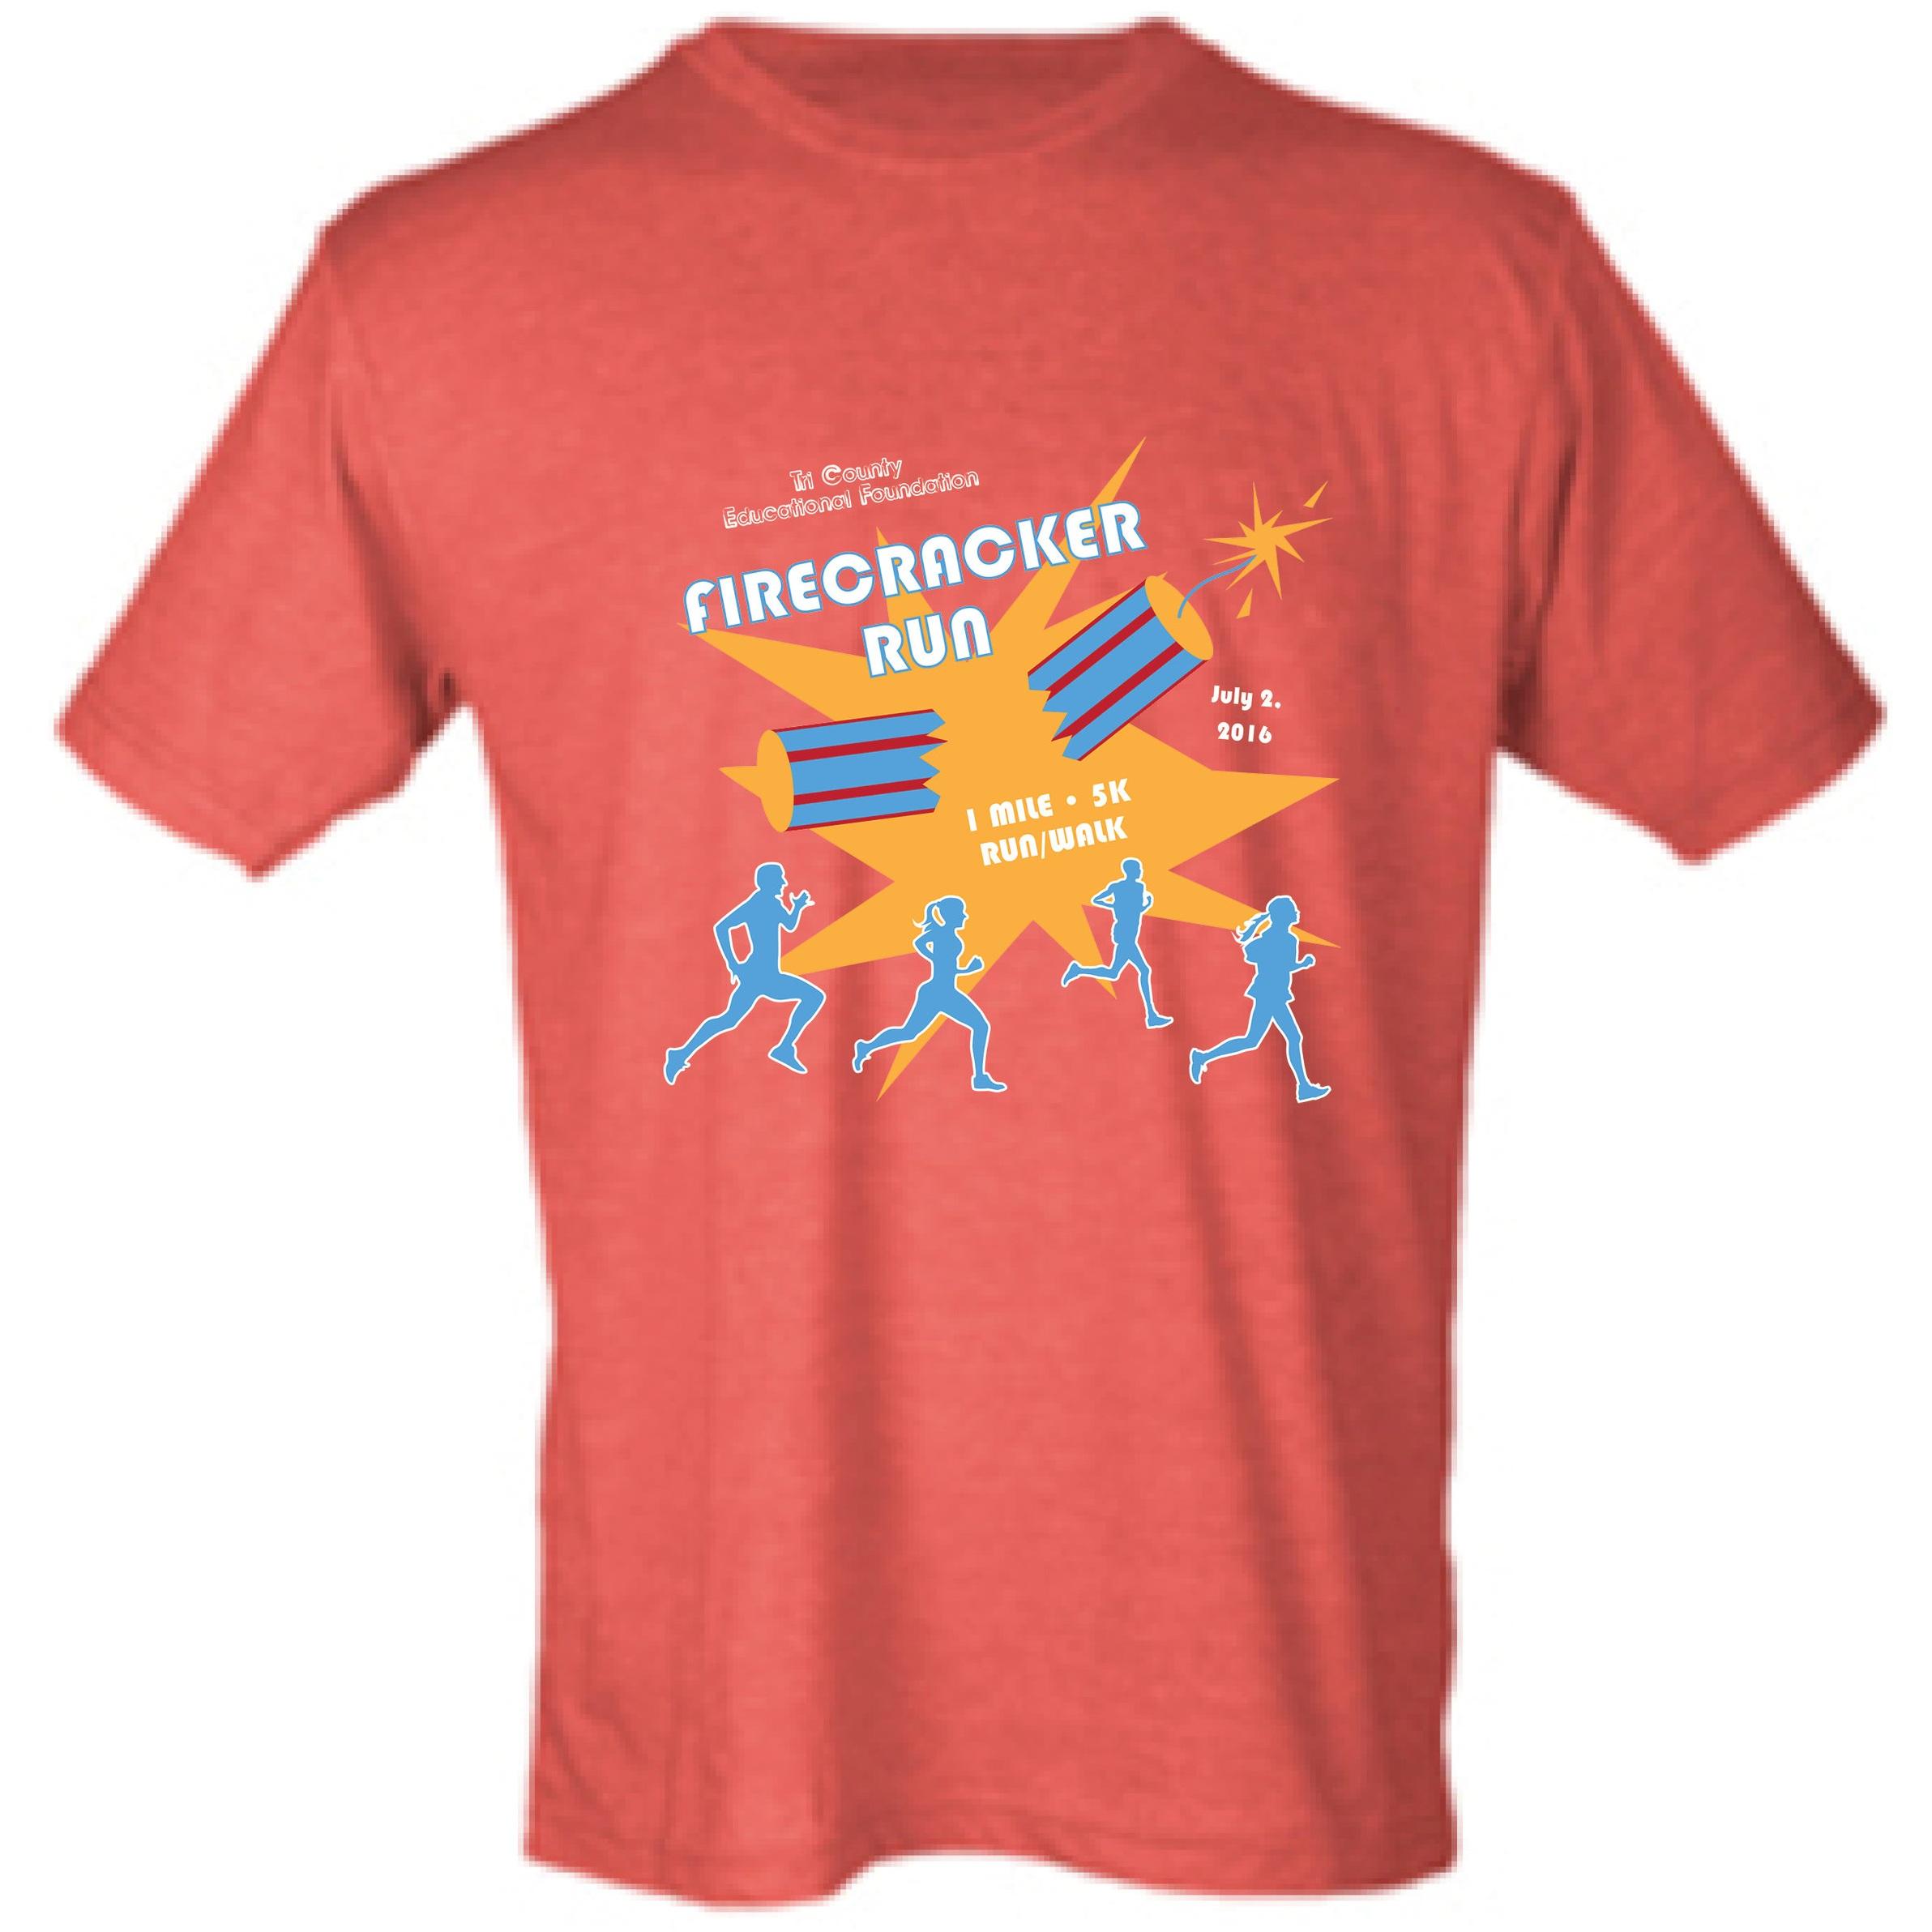 2016 Firecracker Run T-shirt